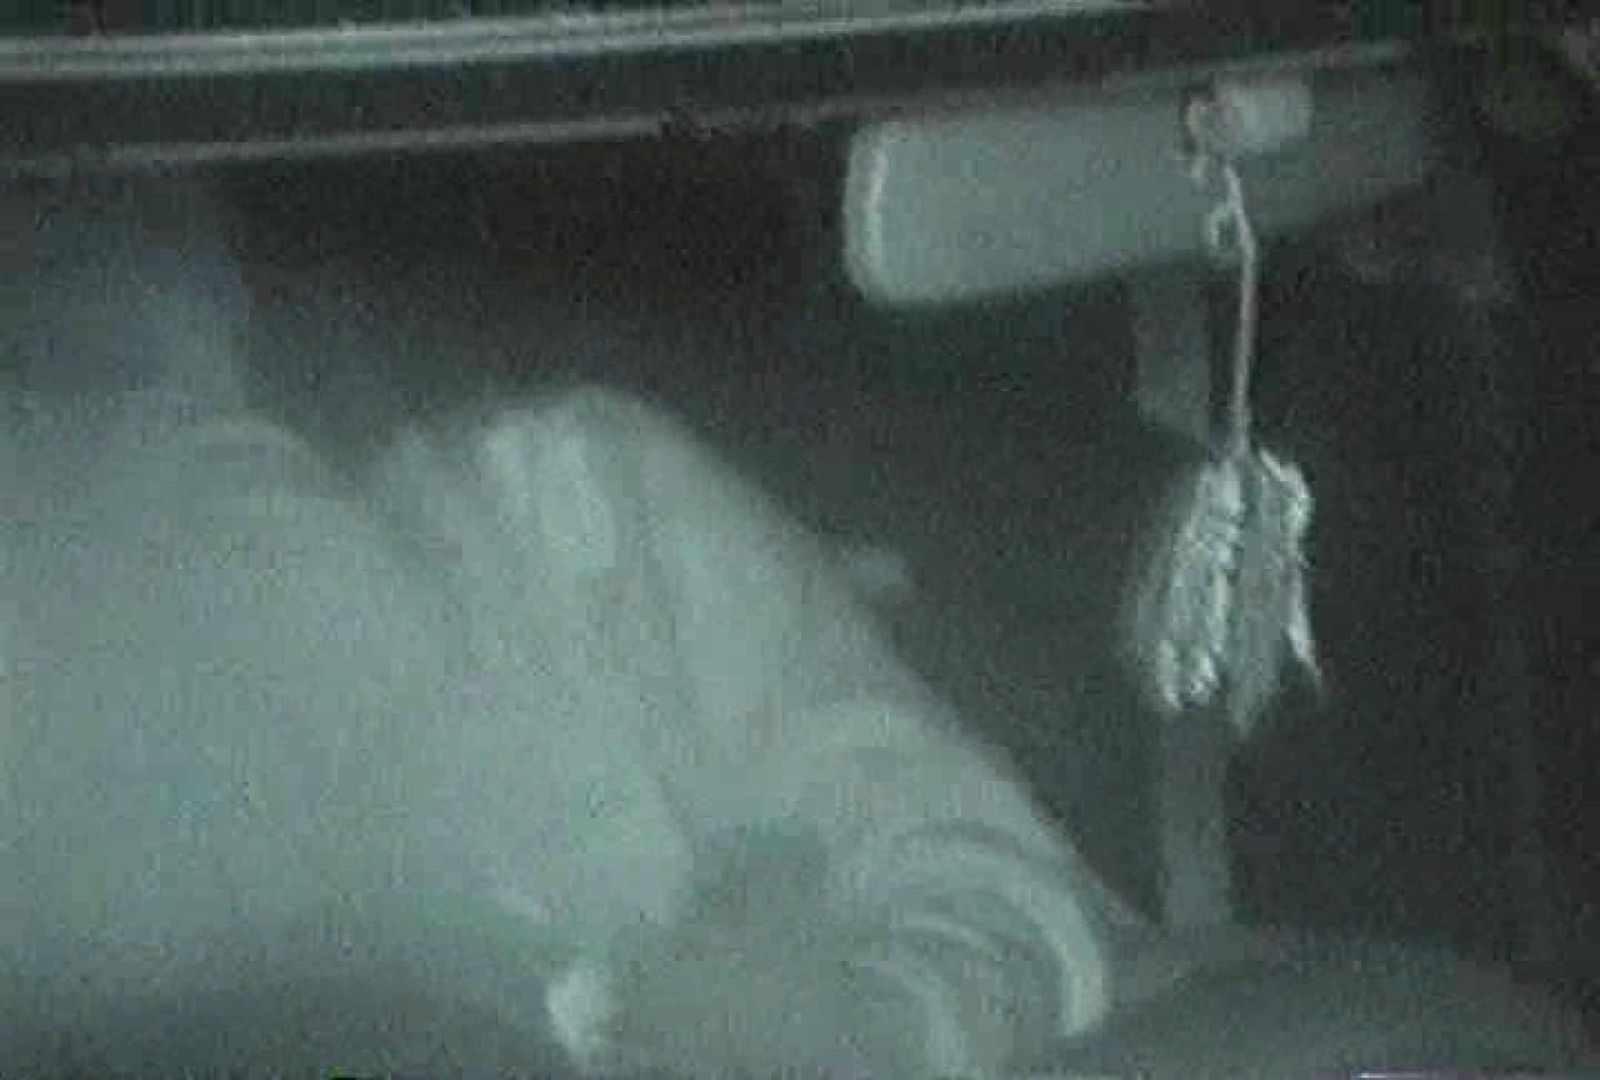 充血監督の深夜の運動会Vol.54 フェラ最高 エロ画像 98画像 67